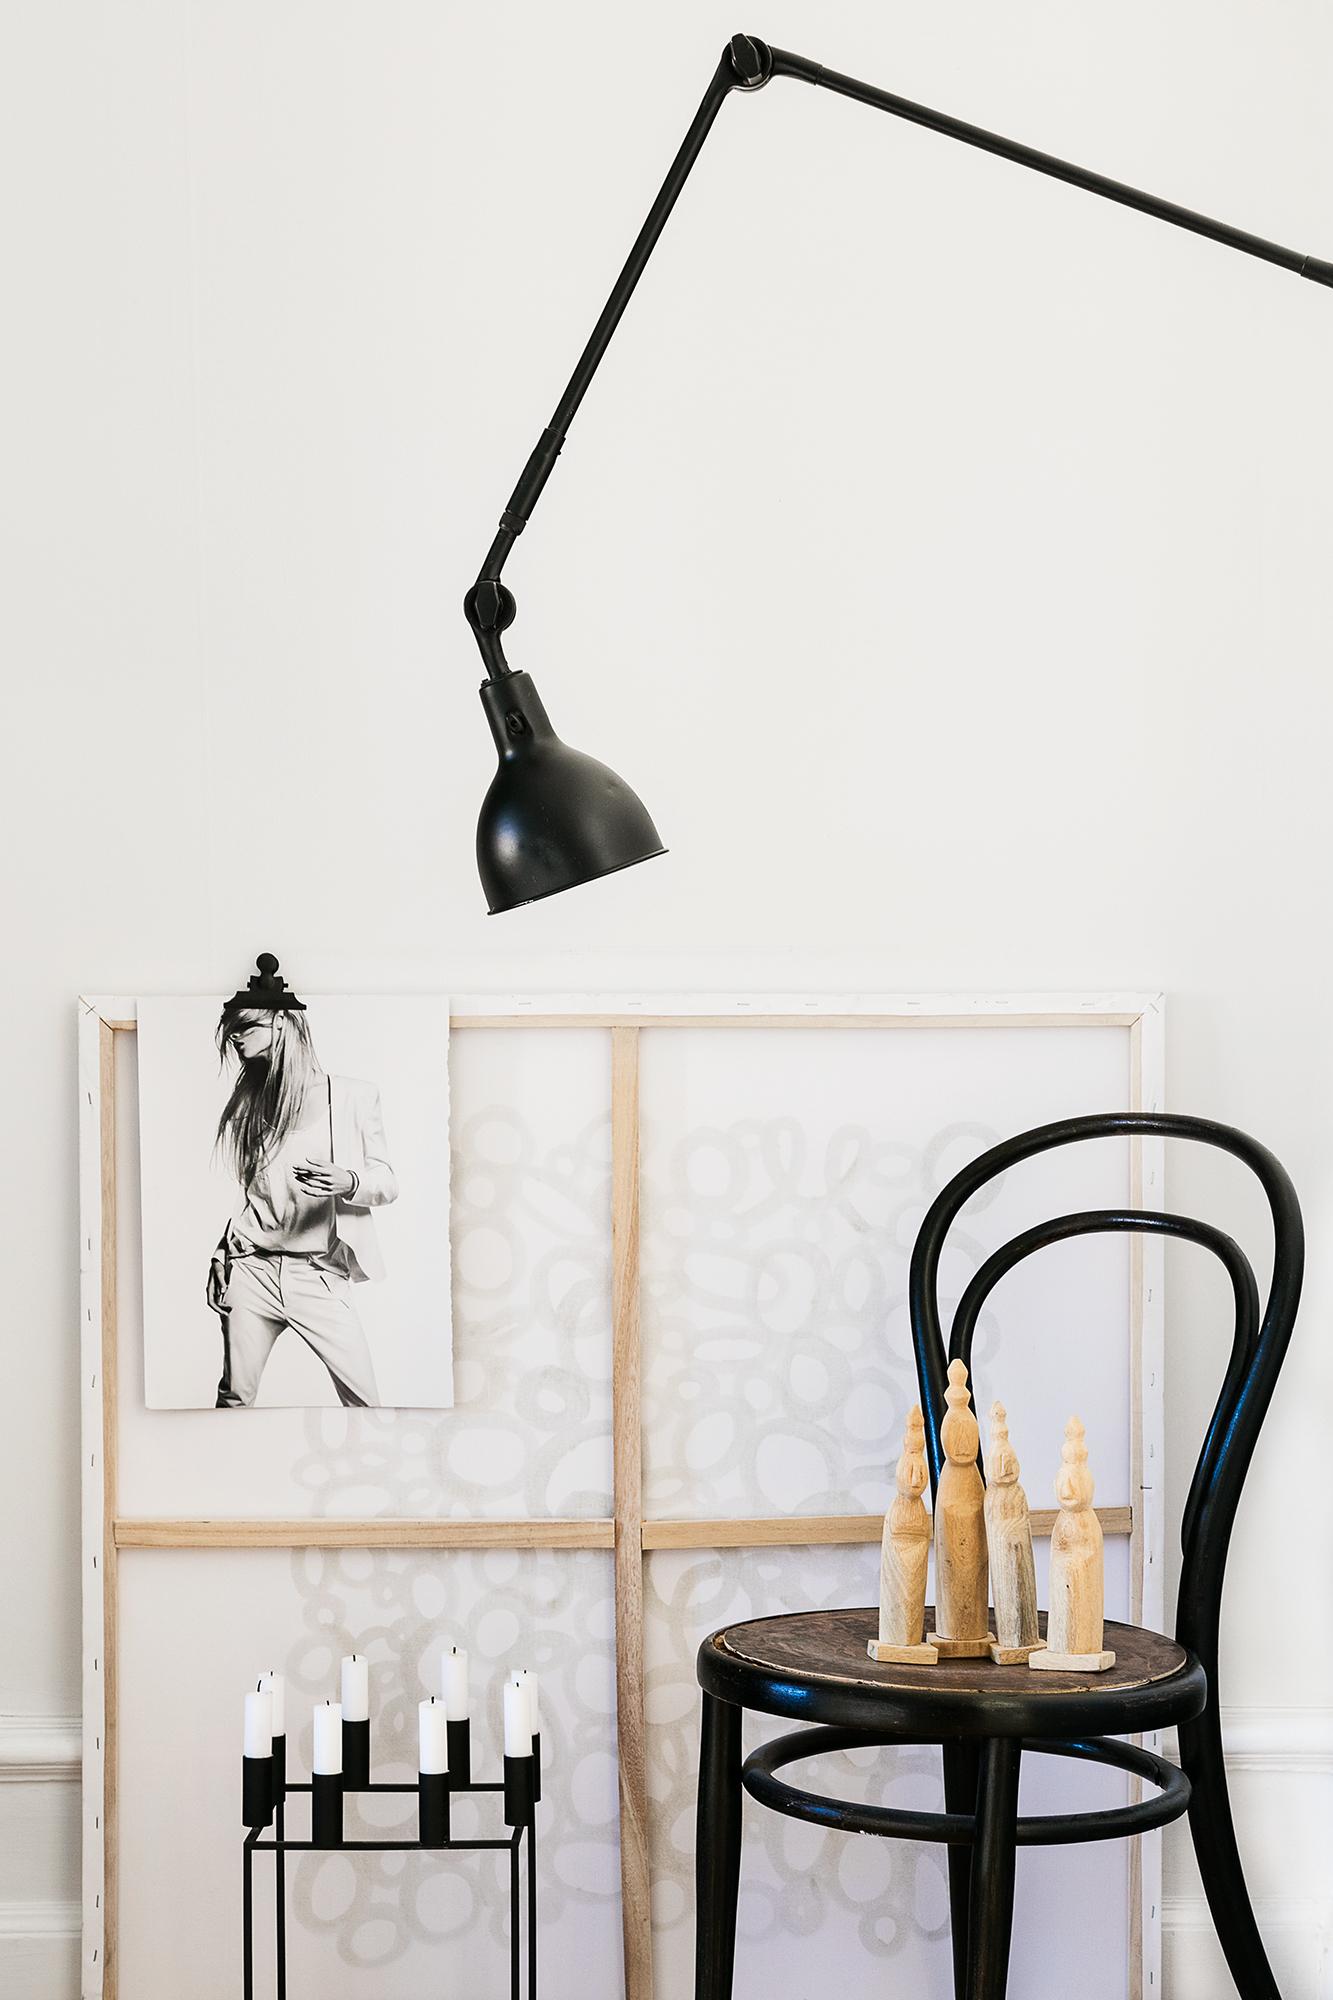 Stol Thonet inköpt på vägkantsloppis för 25 bagare, Industrilampa även den ett fynd från Antikhandlaren och spraymålad svart. Canvas/målning Marias egen, på denna sitter Hunky Dorys snygga kampanjbild. Kubus ljuslykta från By Lassen. Träfigurer DAY Home.